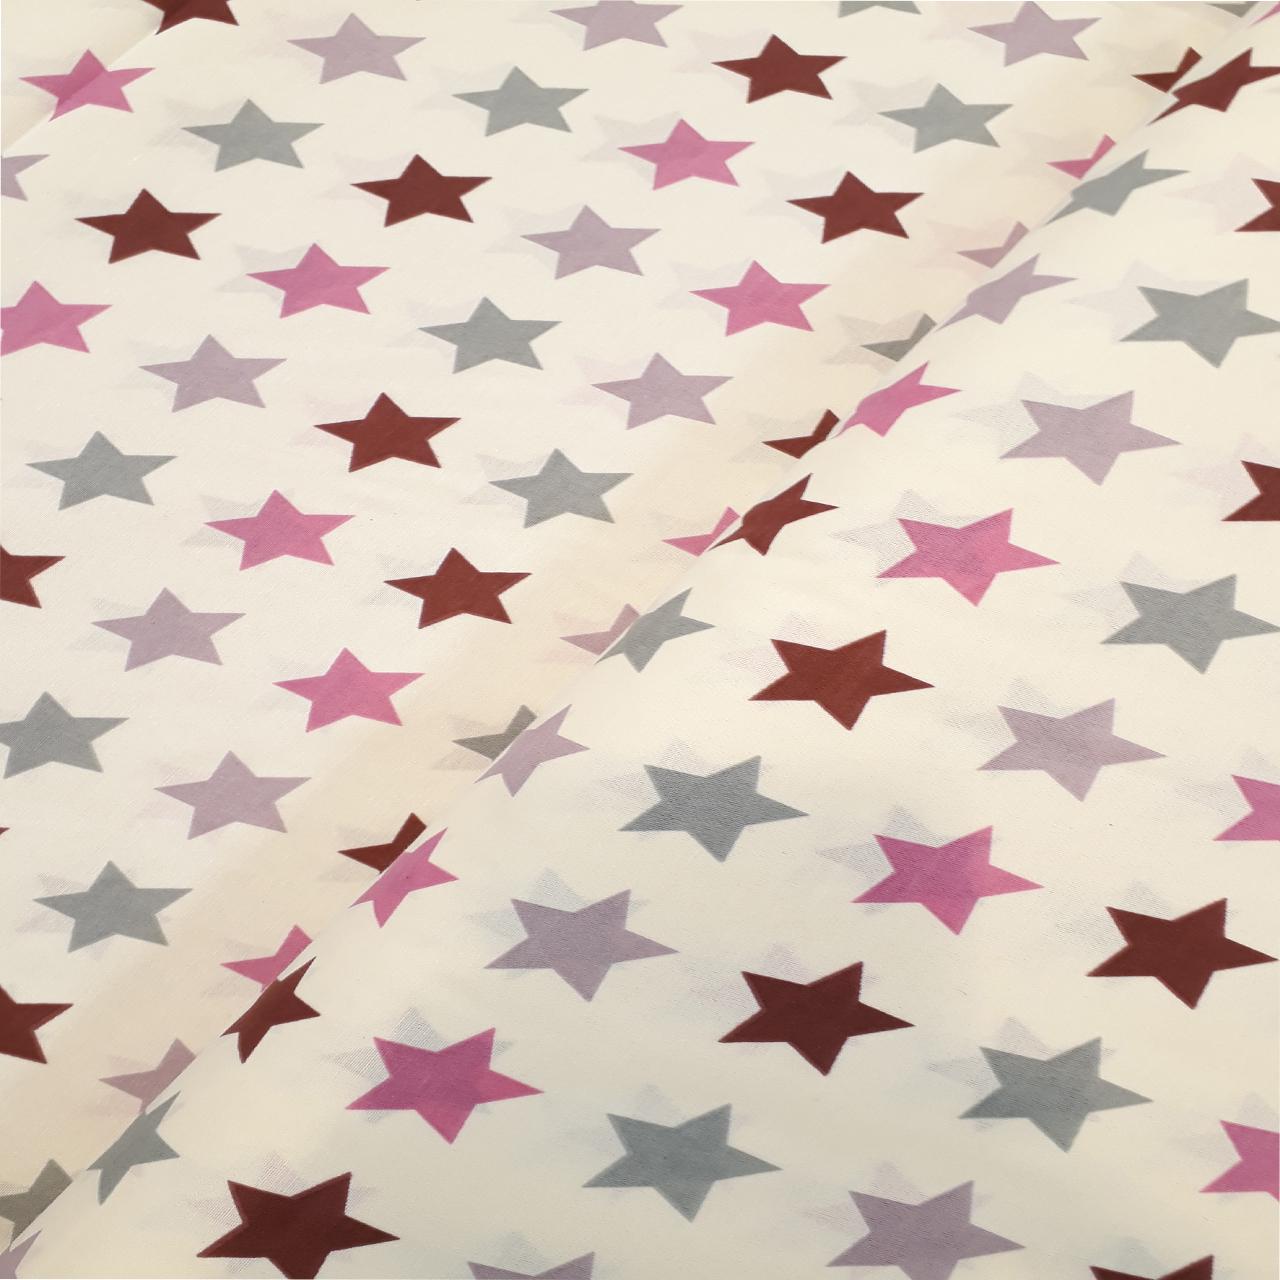 عکس پارچه ملحفه طرح ستاره کد 3